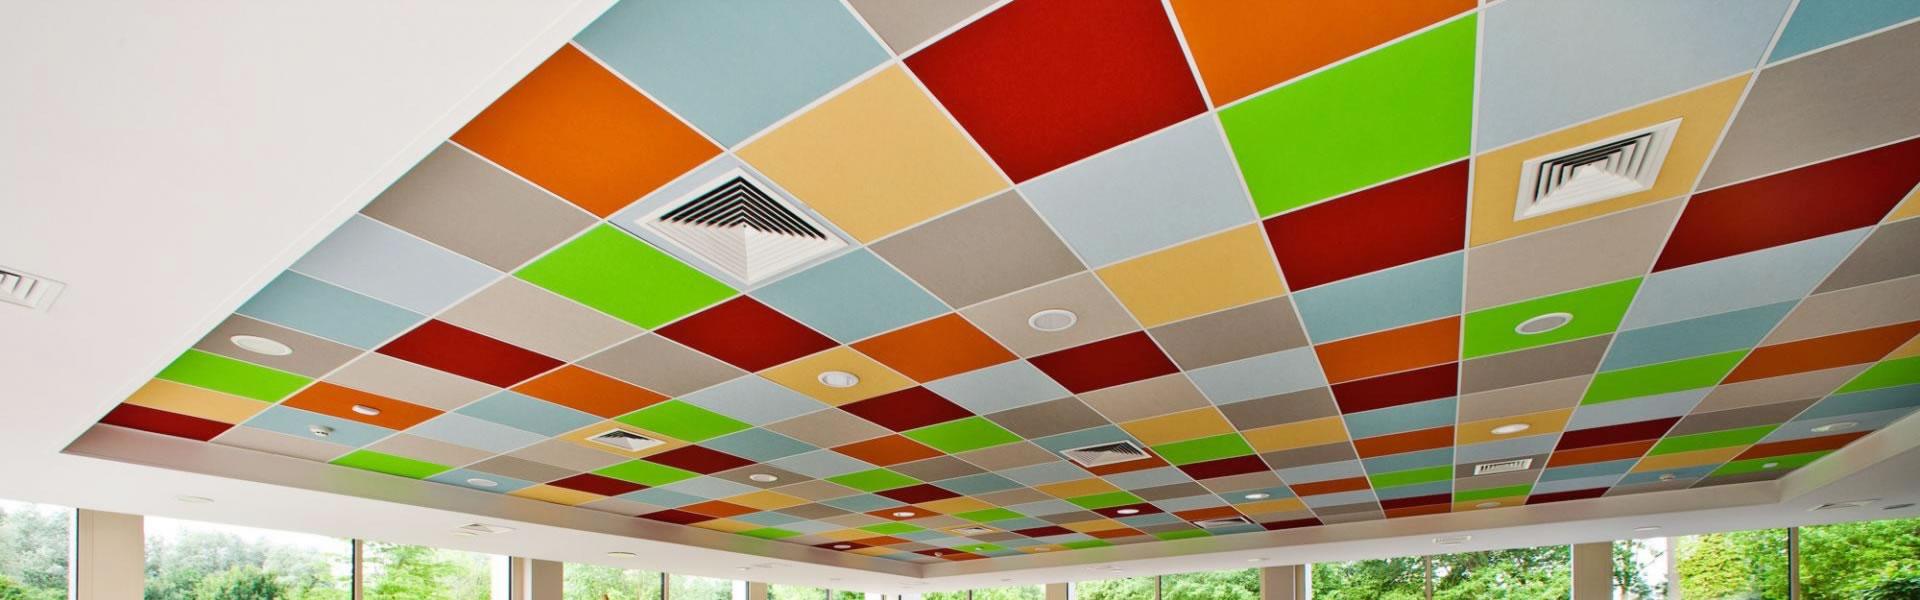 coloured ceiling tiles tile design ideas. Black Bedroom Furniture Sets. Home Design Ideas